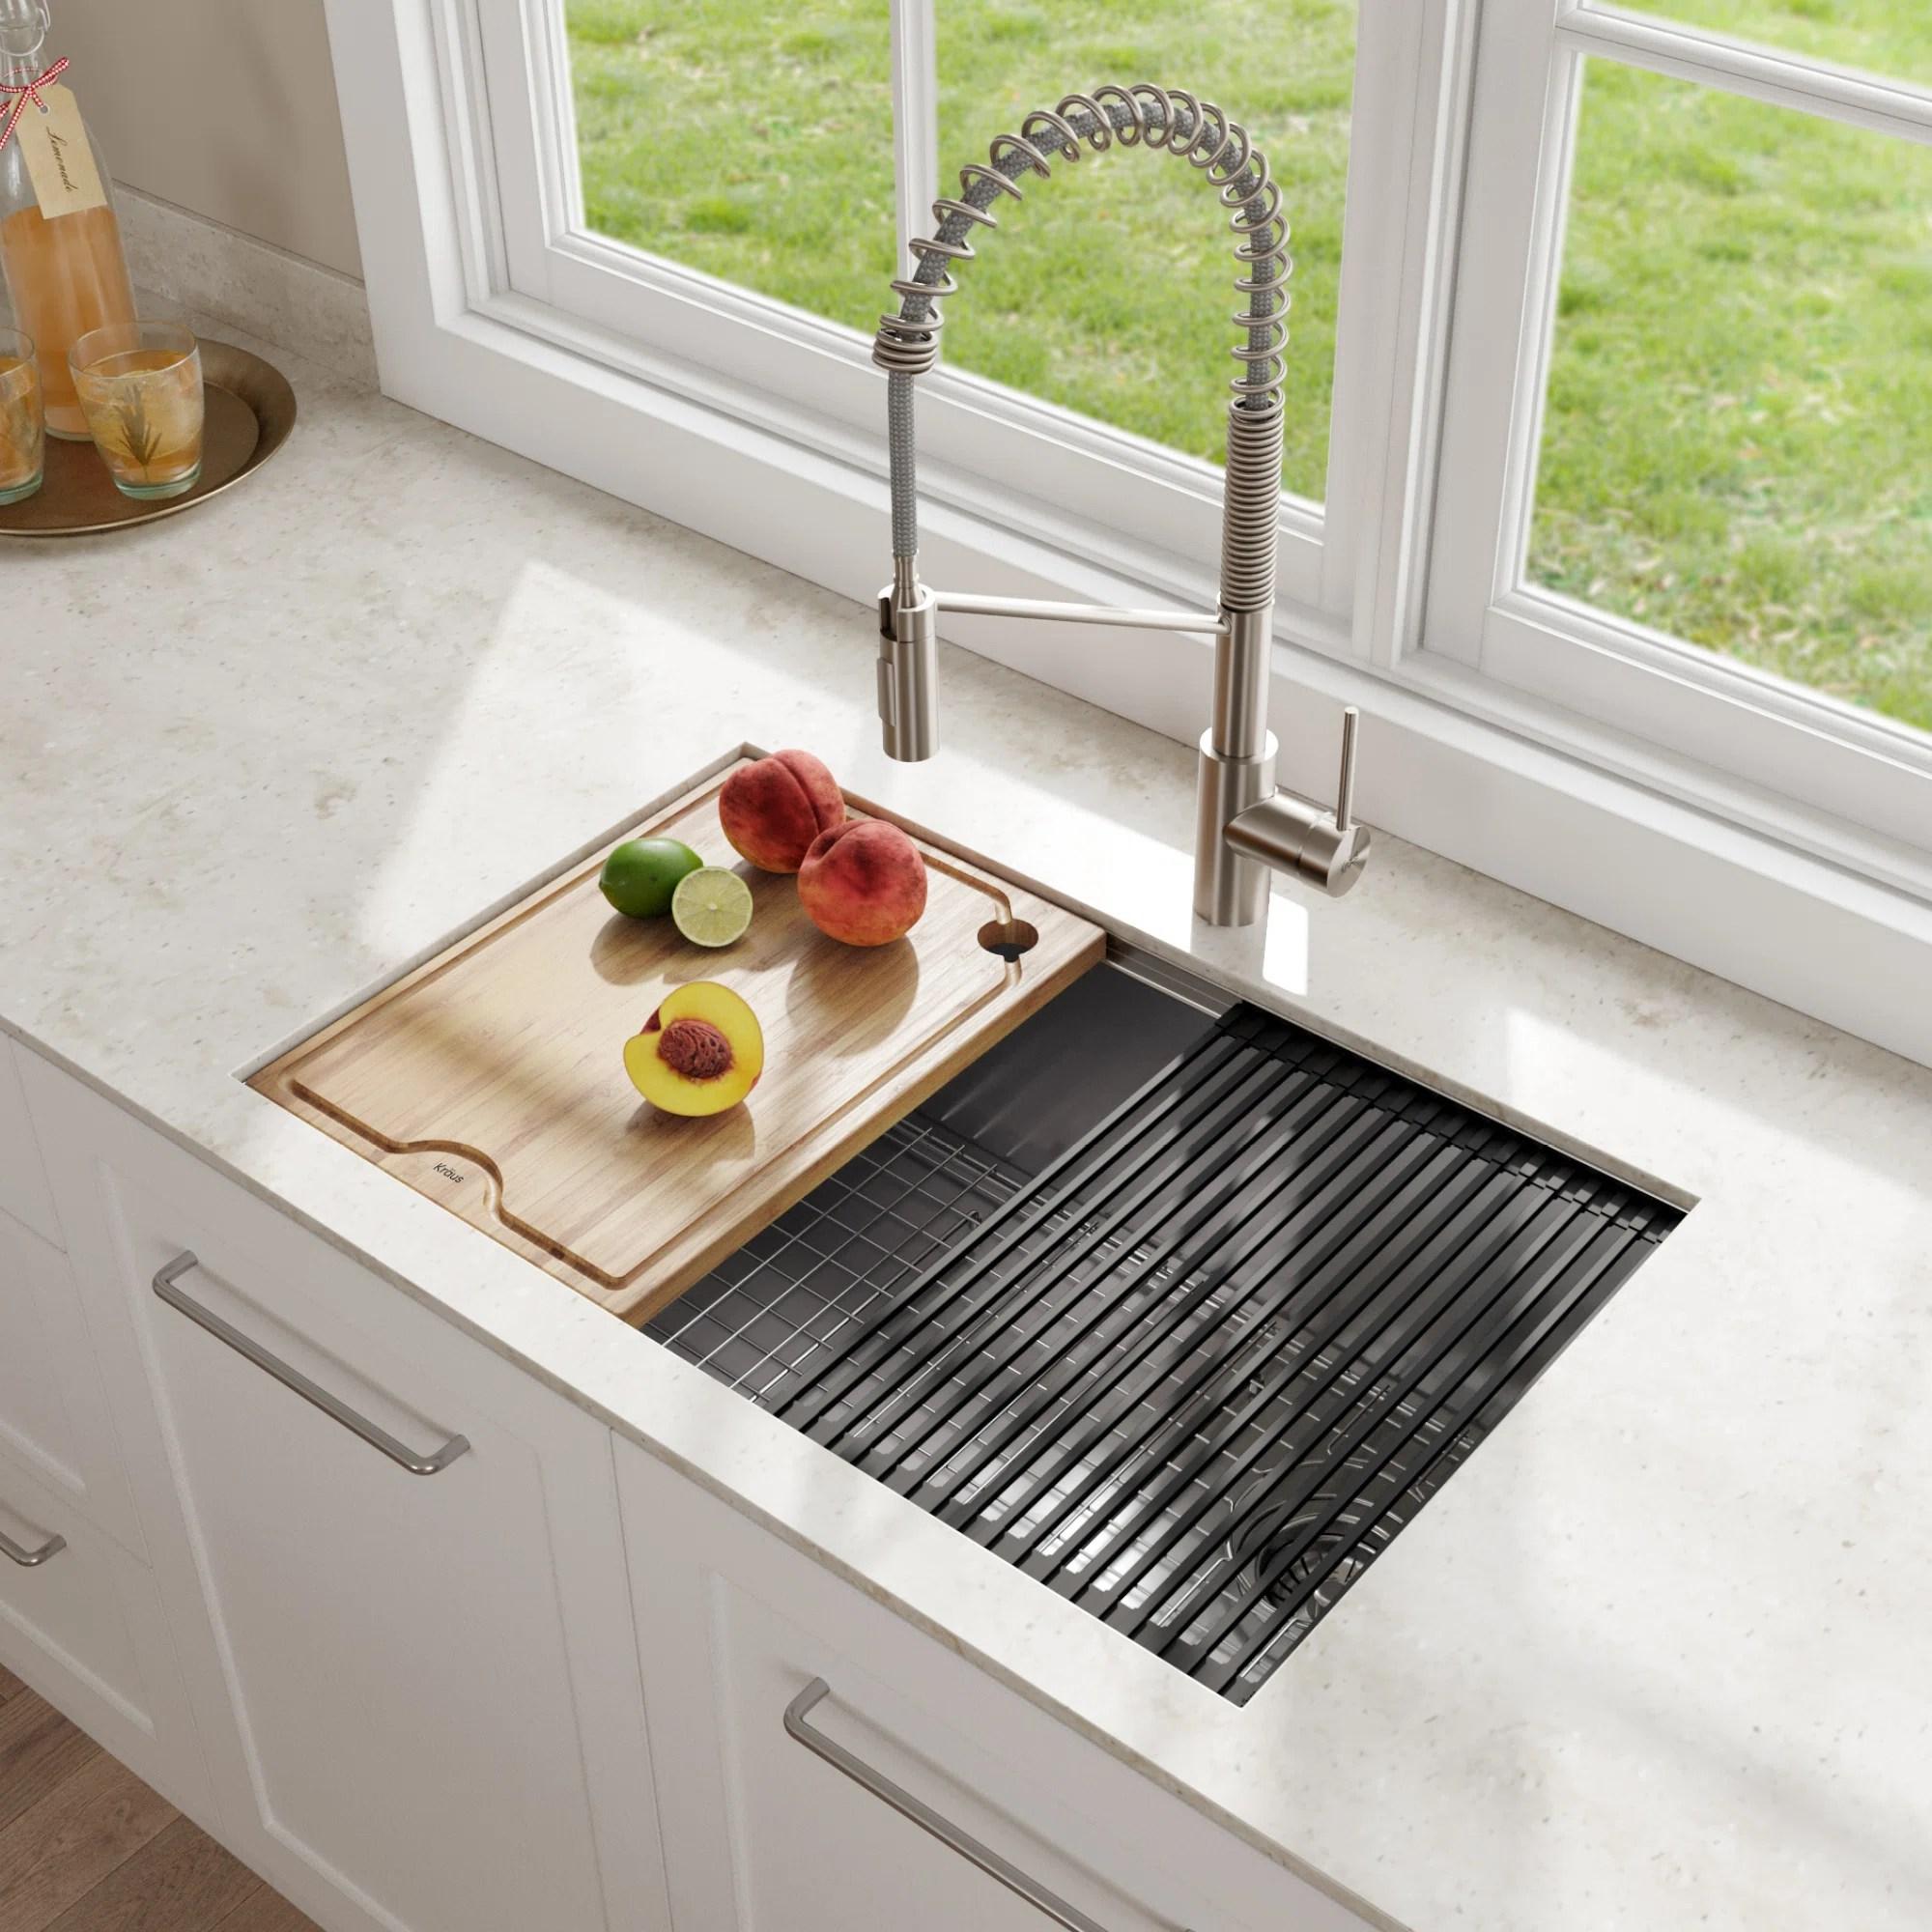 kore workstation 16 gauge stainless steel 27 l x 19 w undermount kitchen sink